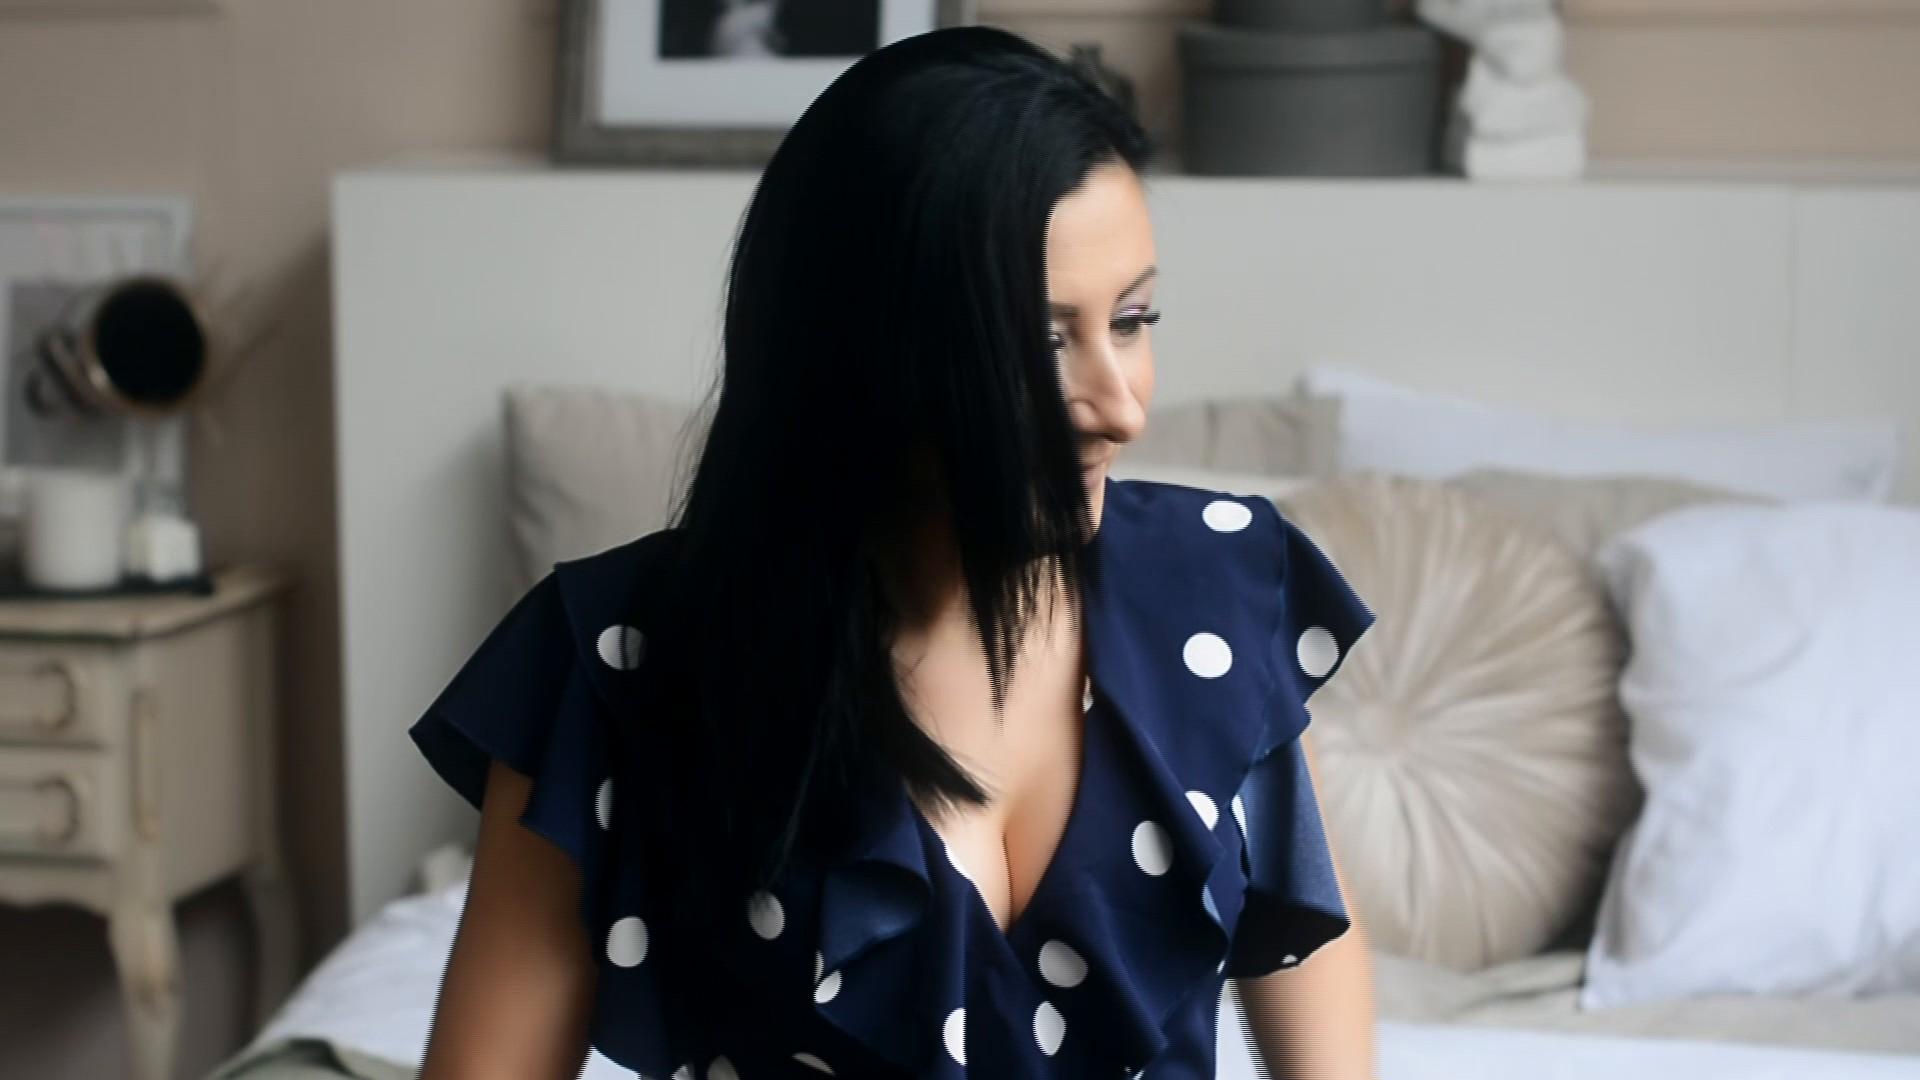 Elena Dnipro 40 y.o. - intelligent lady - small public photo.